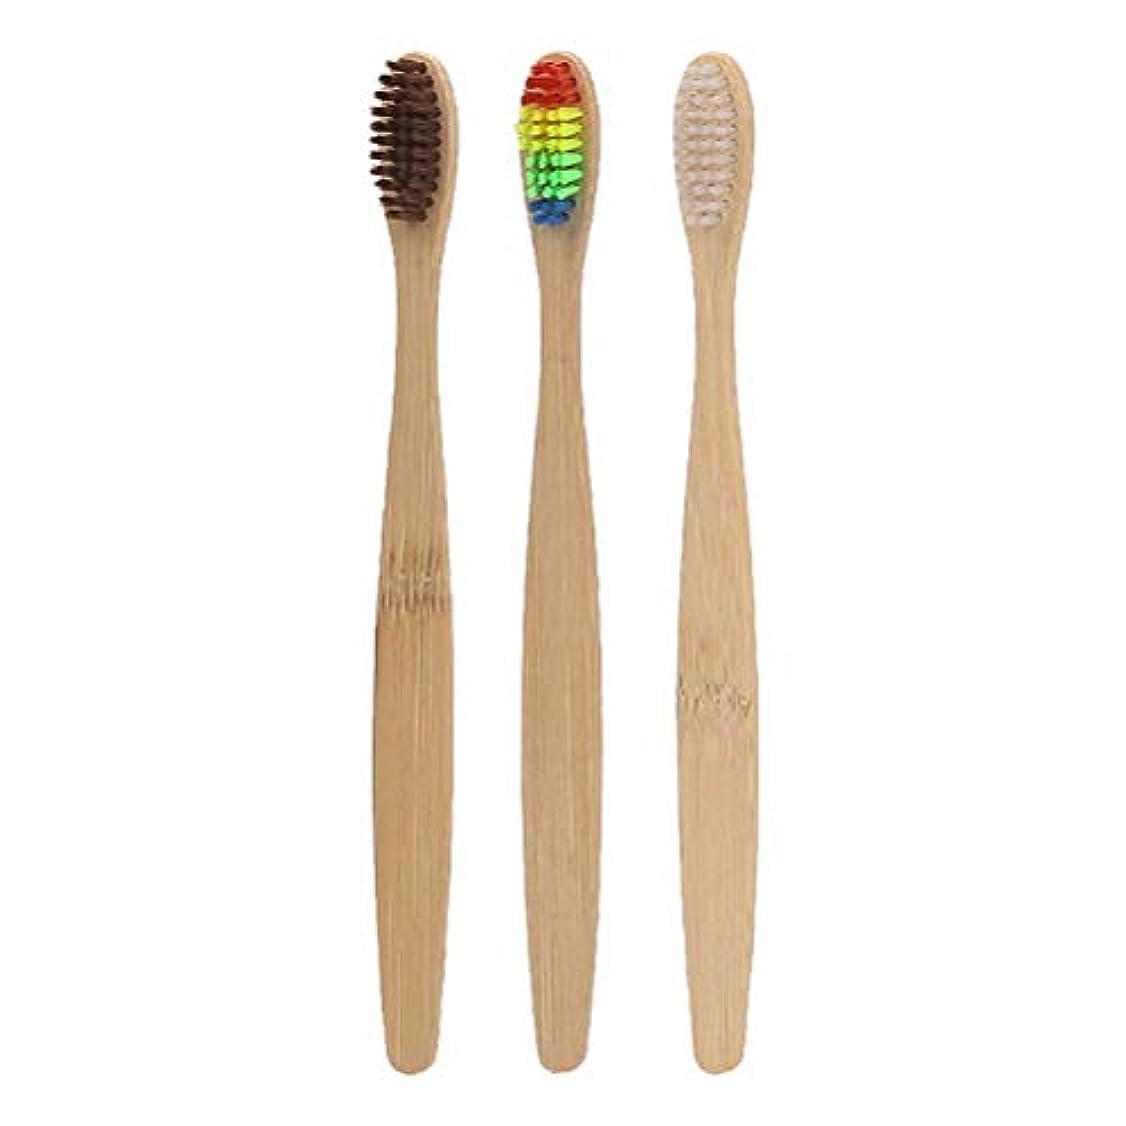 ランチョンハリケーン見習いSUPVOX 竹の歯ブラシ女性のためのナチュラルソフト歯ブラシ男性3本(白い剛毛+虹色の剛毛+茶色の剛毛)